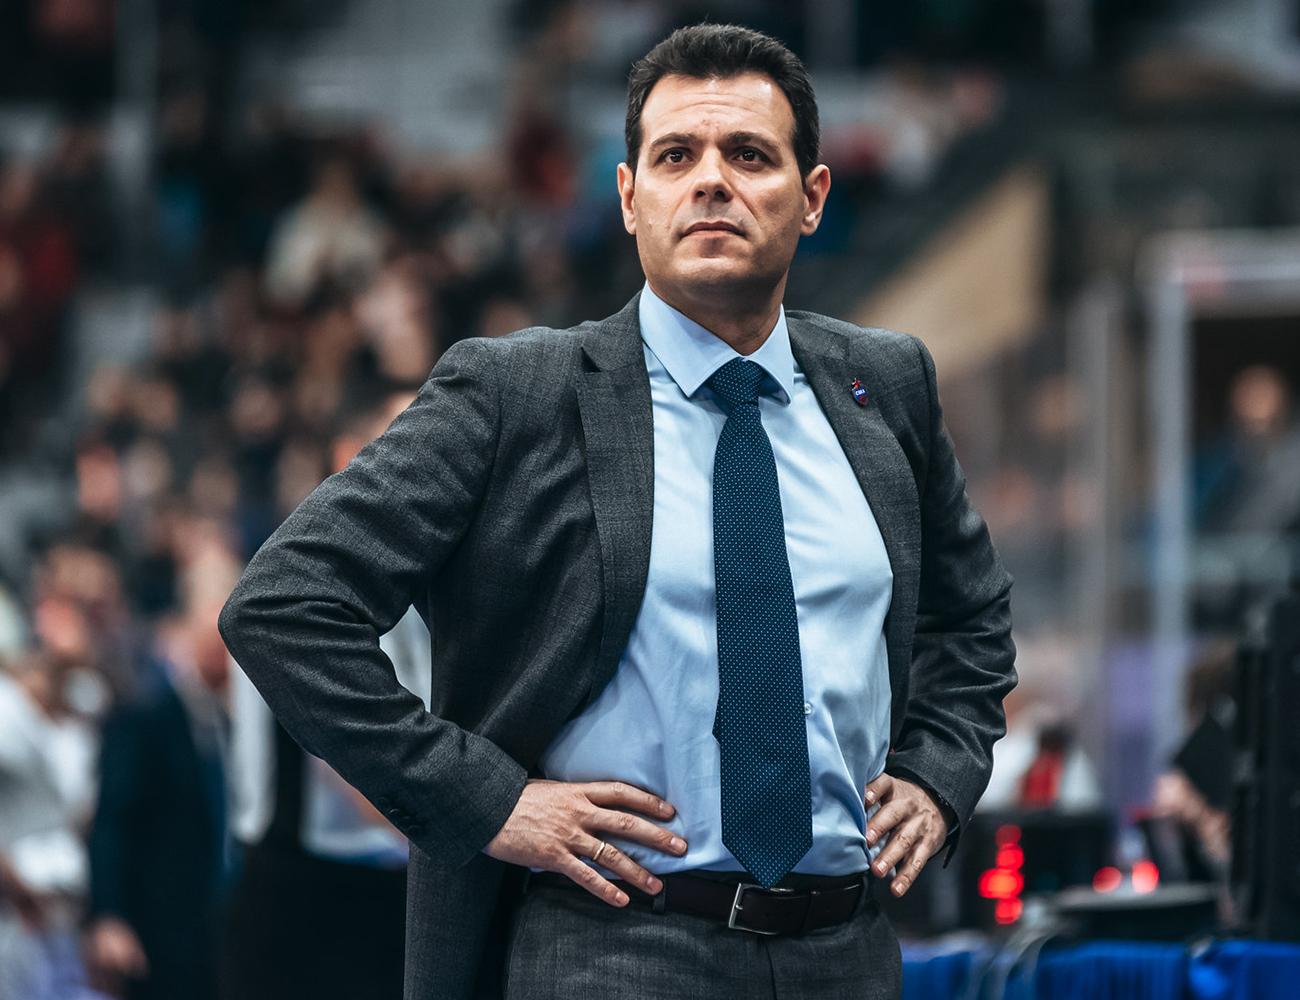 Димитрис Итудис: «Если хотите быть тренером, у вас должны быть ответы на любые вопросы»